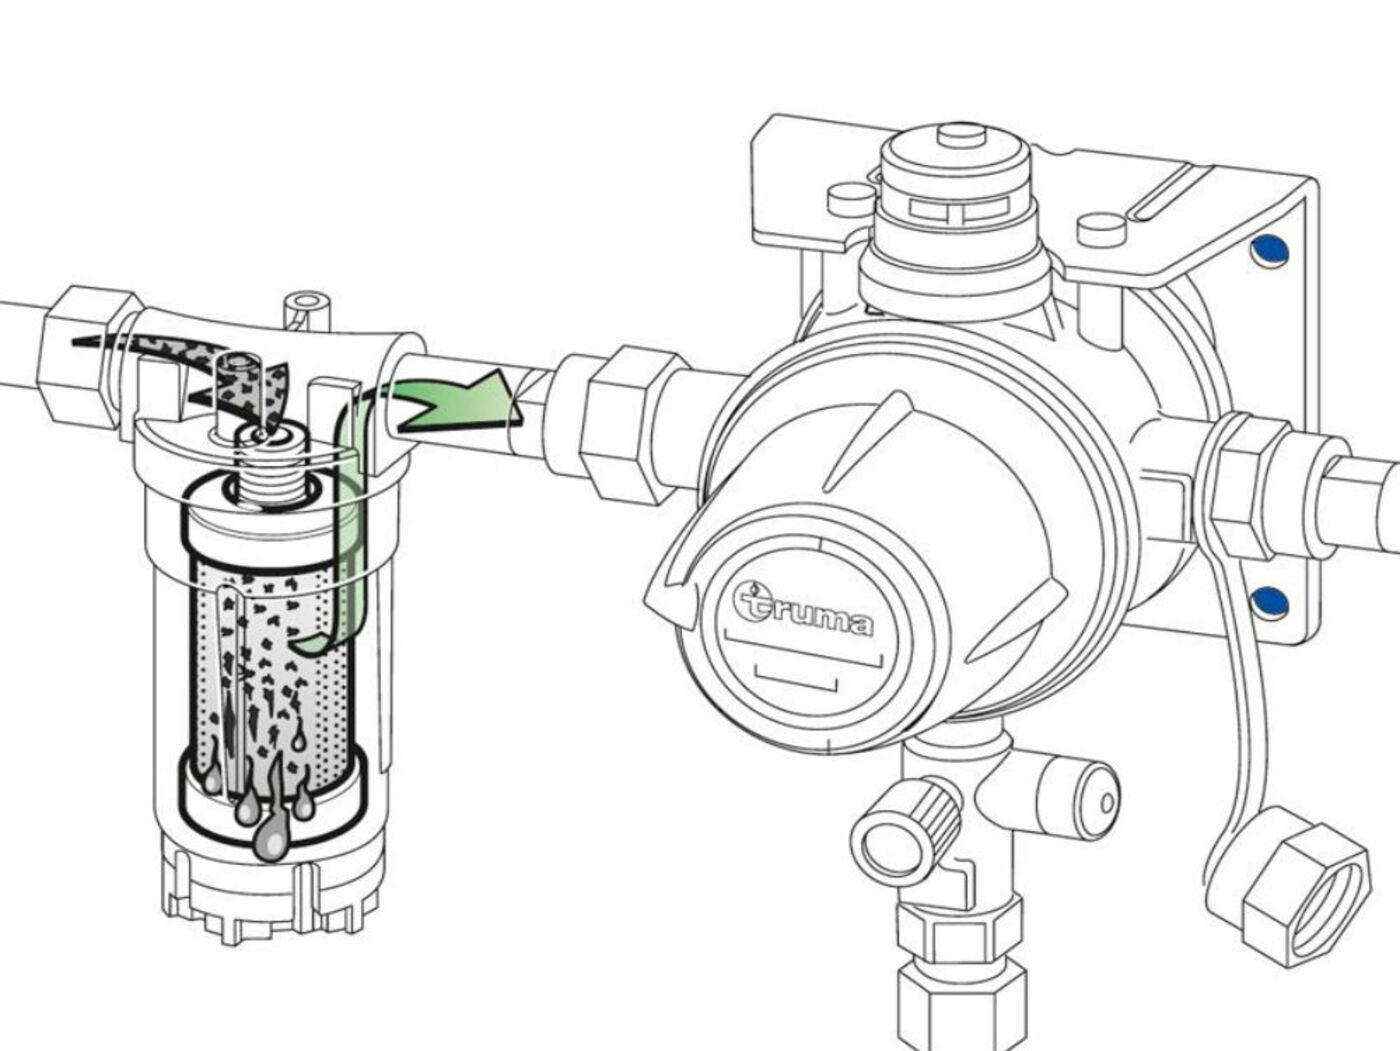 truma gas filter replacement cartridge